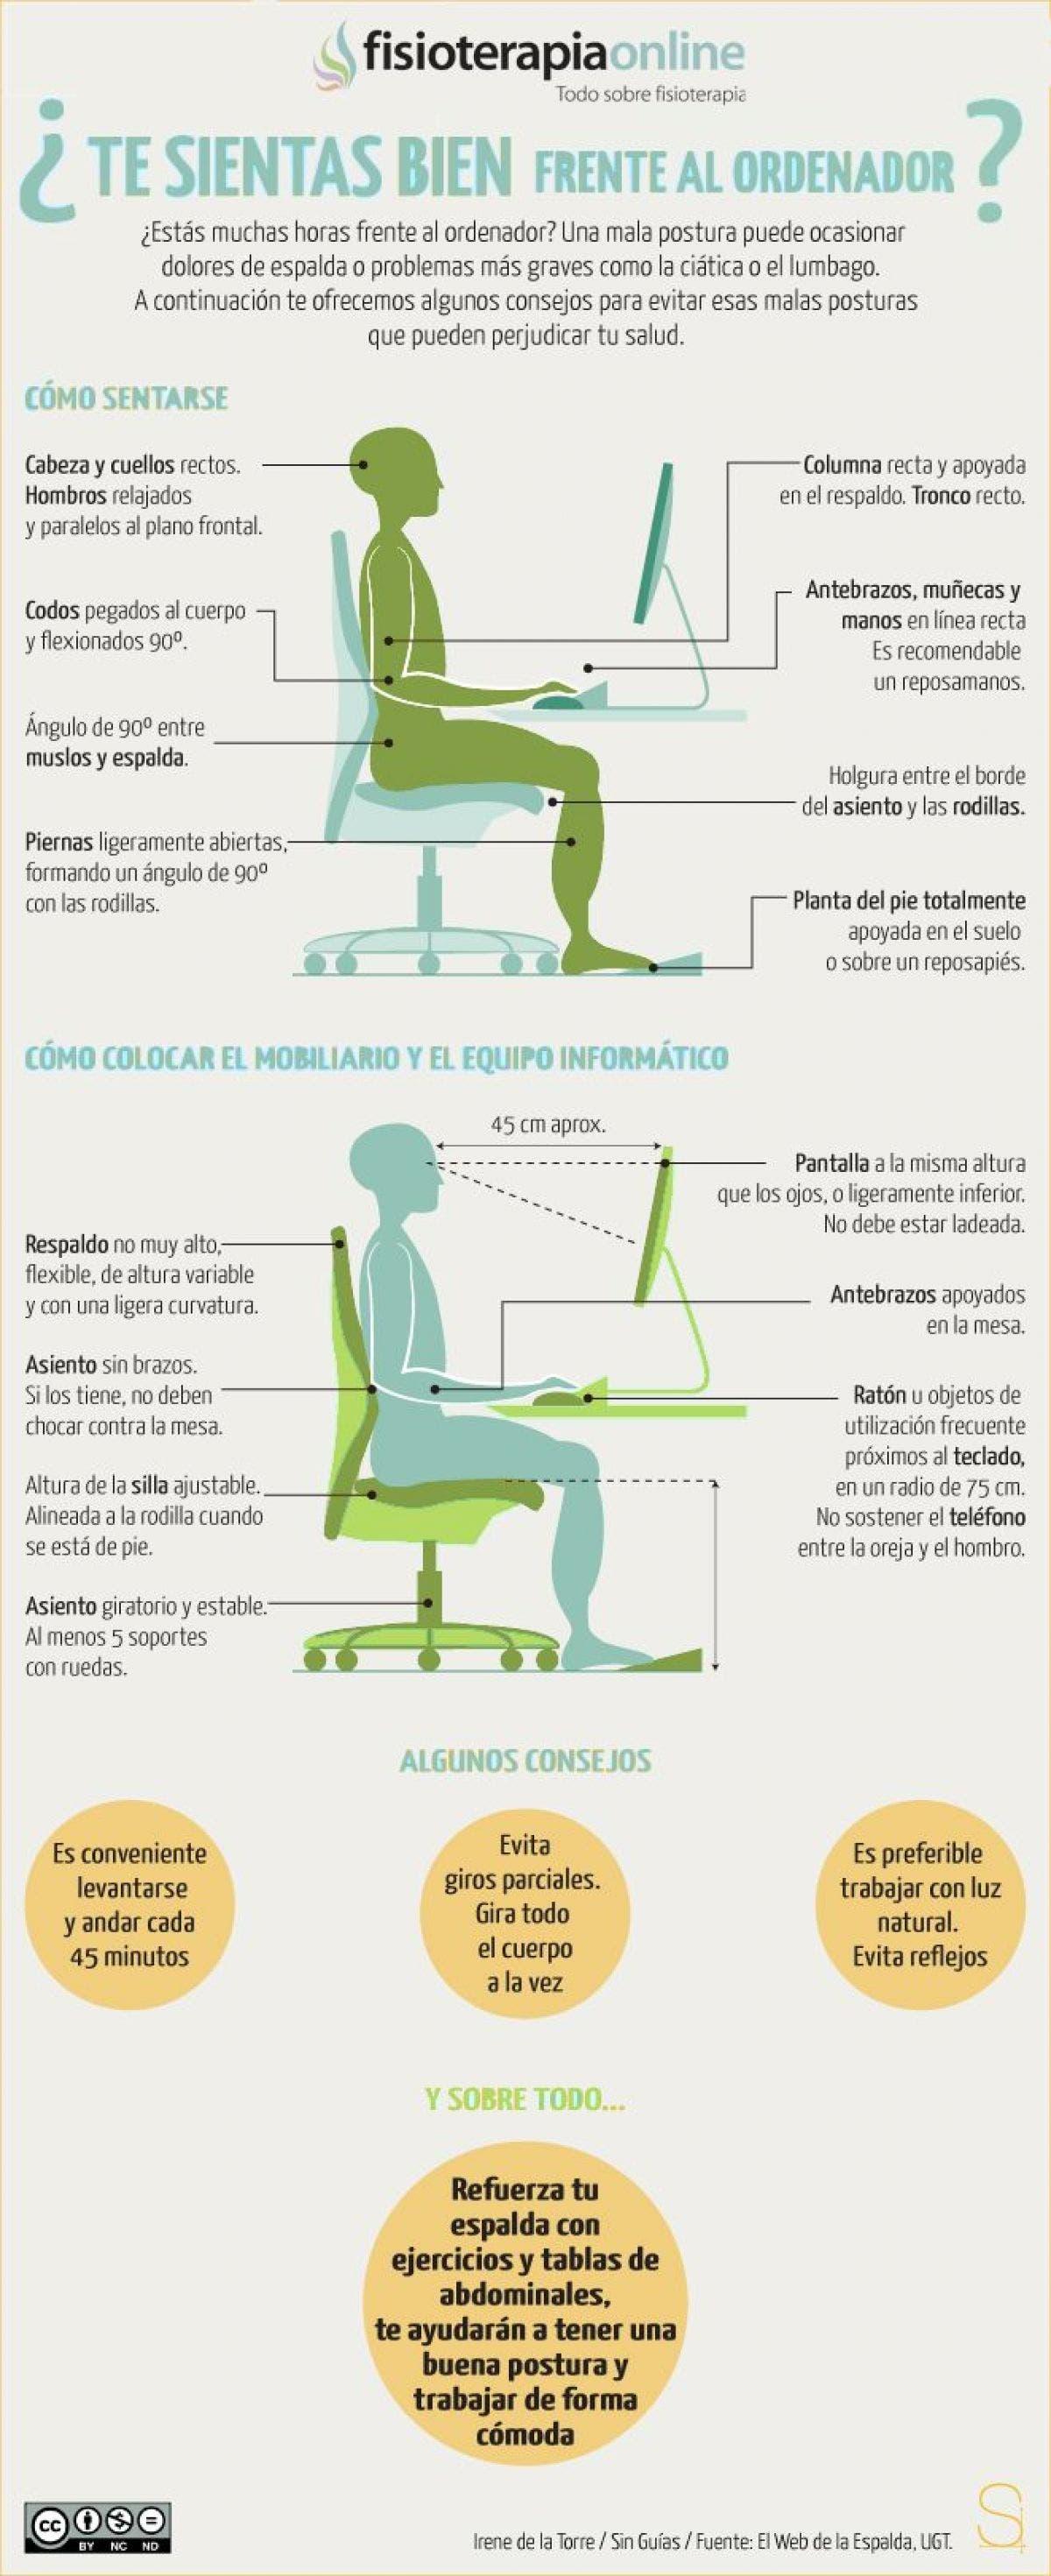 Ergonomía y recomendaciones para sentarse bien frente al ordenador